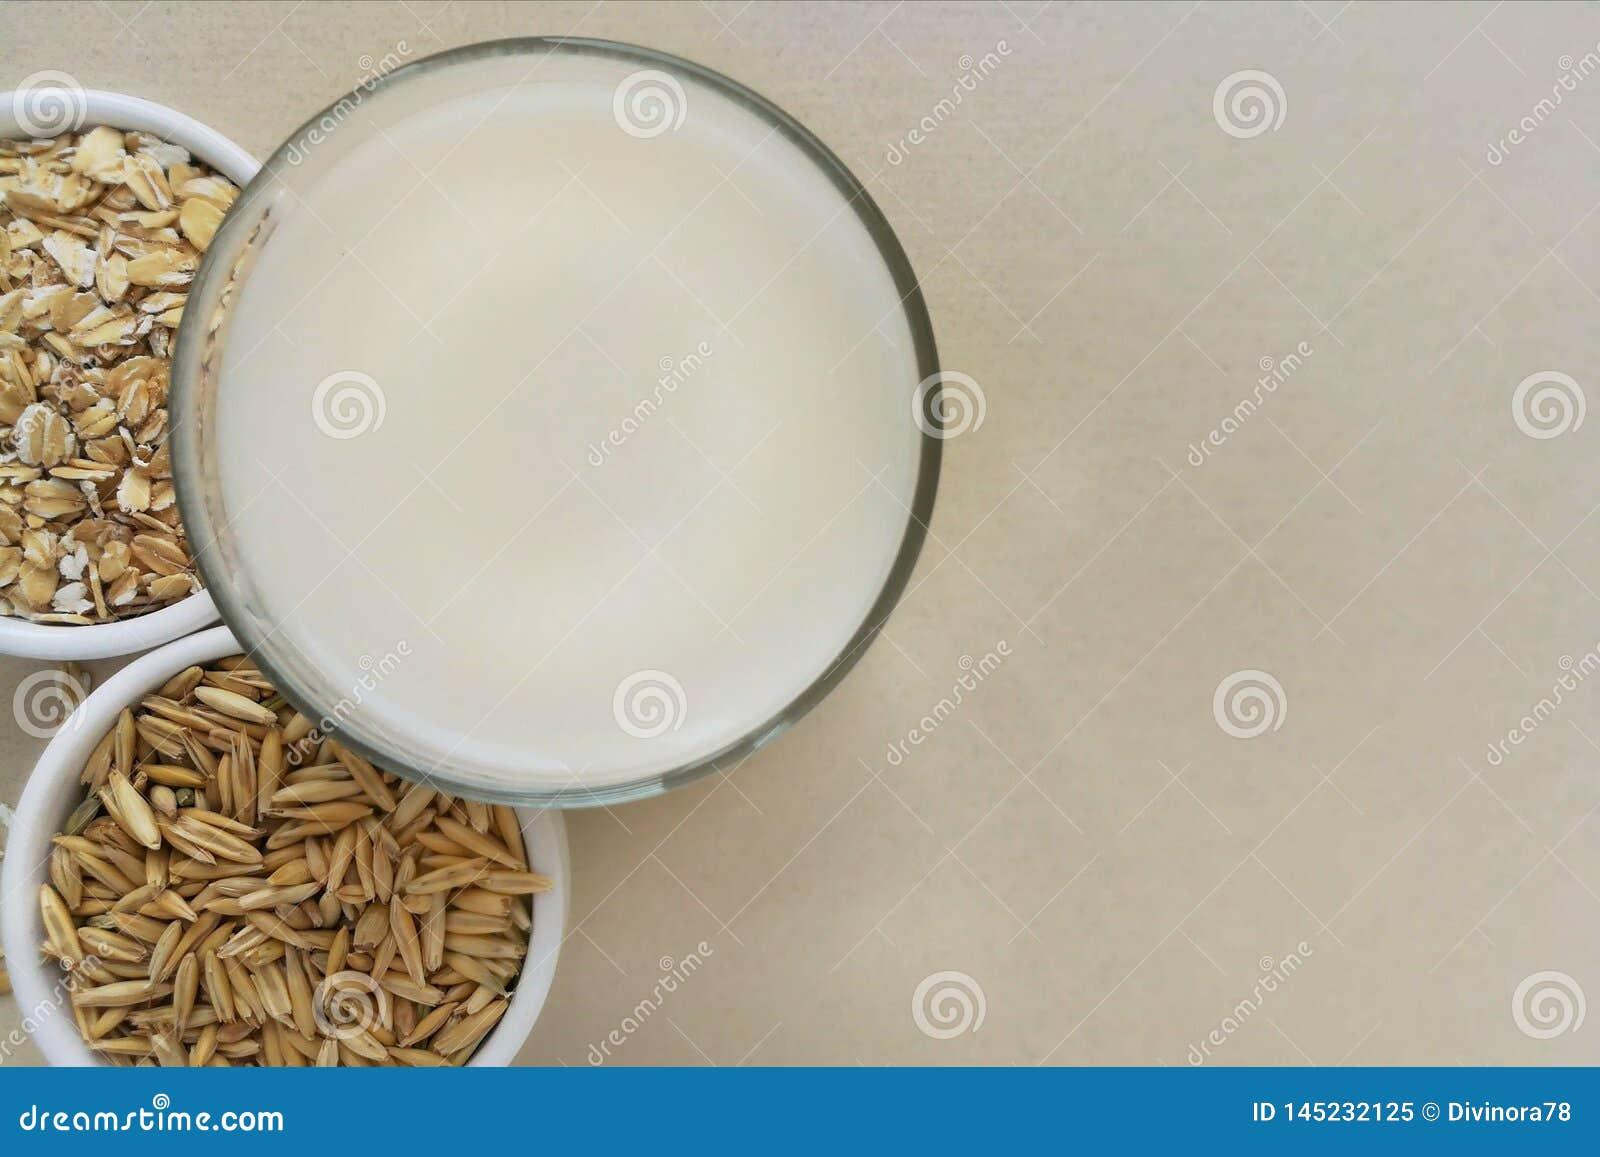 Oatmeal, oatmeal flakes and oats grains.